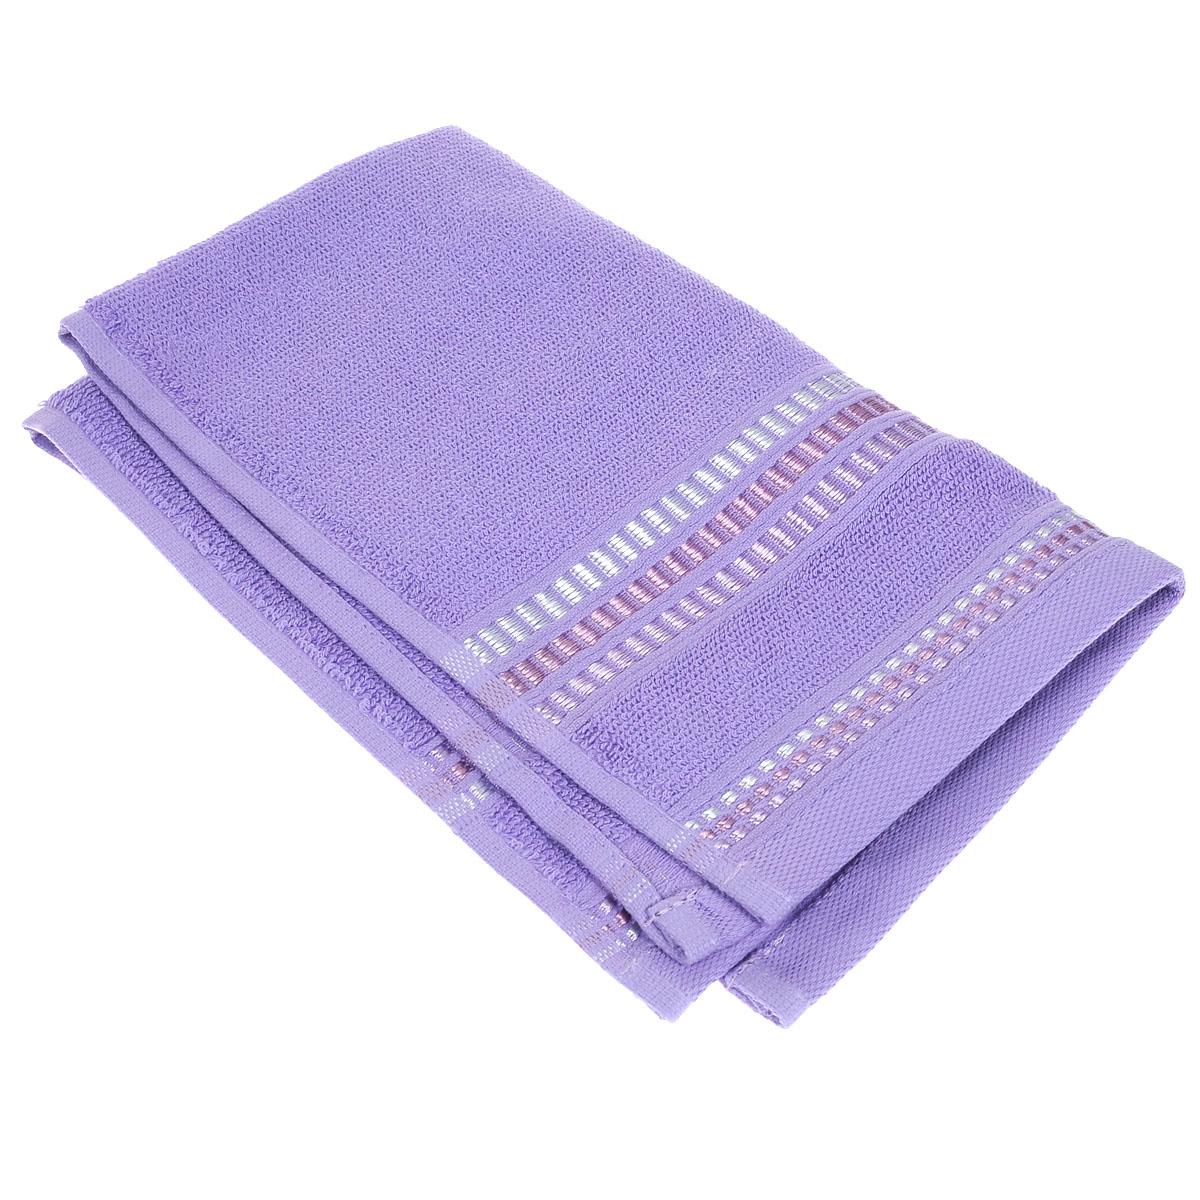 Полотенце махровое Coronet Пиано, цвет: светло-лиловый, 30 см х 50 см полотенца oran merzuka полотенце sakura цвет светло лиловый набор